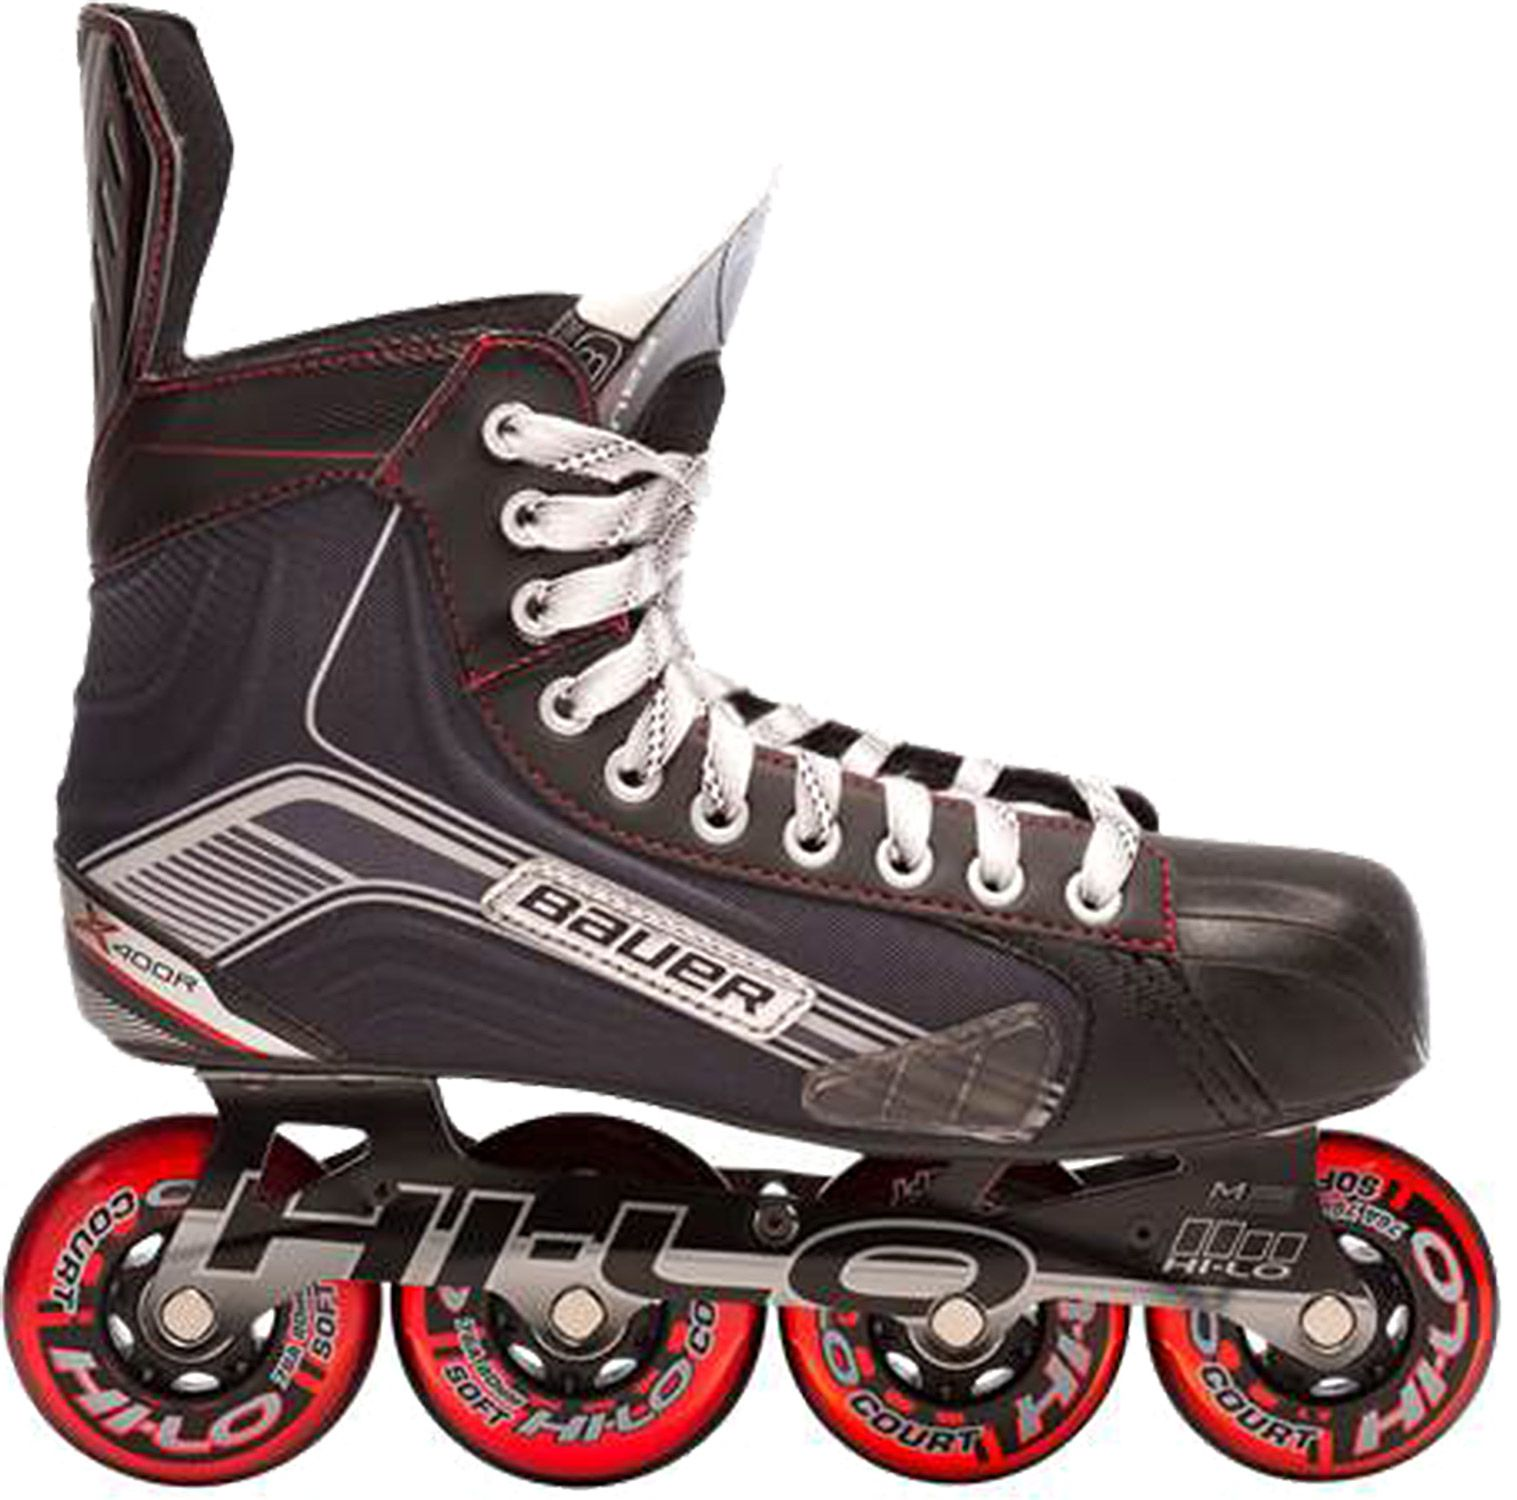 Roller skating visalia - Product Image Bauer Junior Vapor X400r Roller Hockey Skates